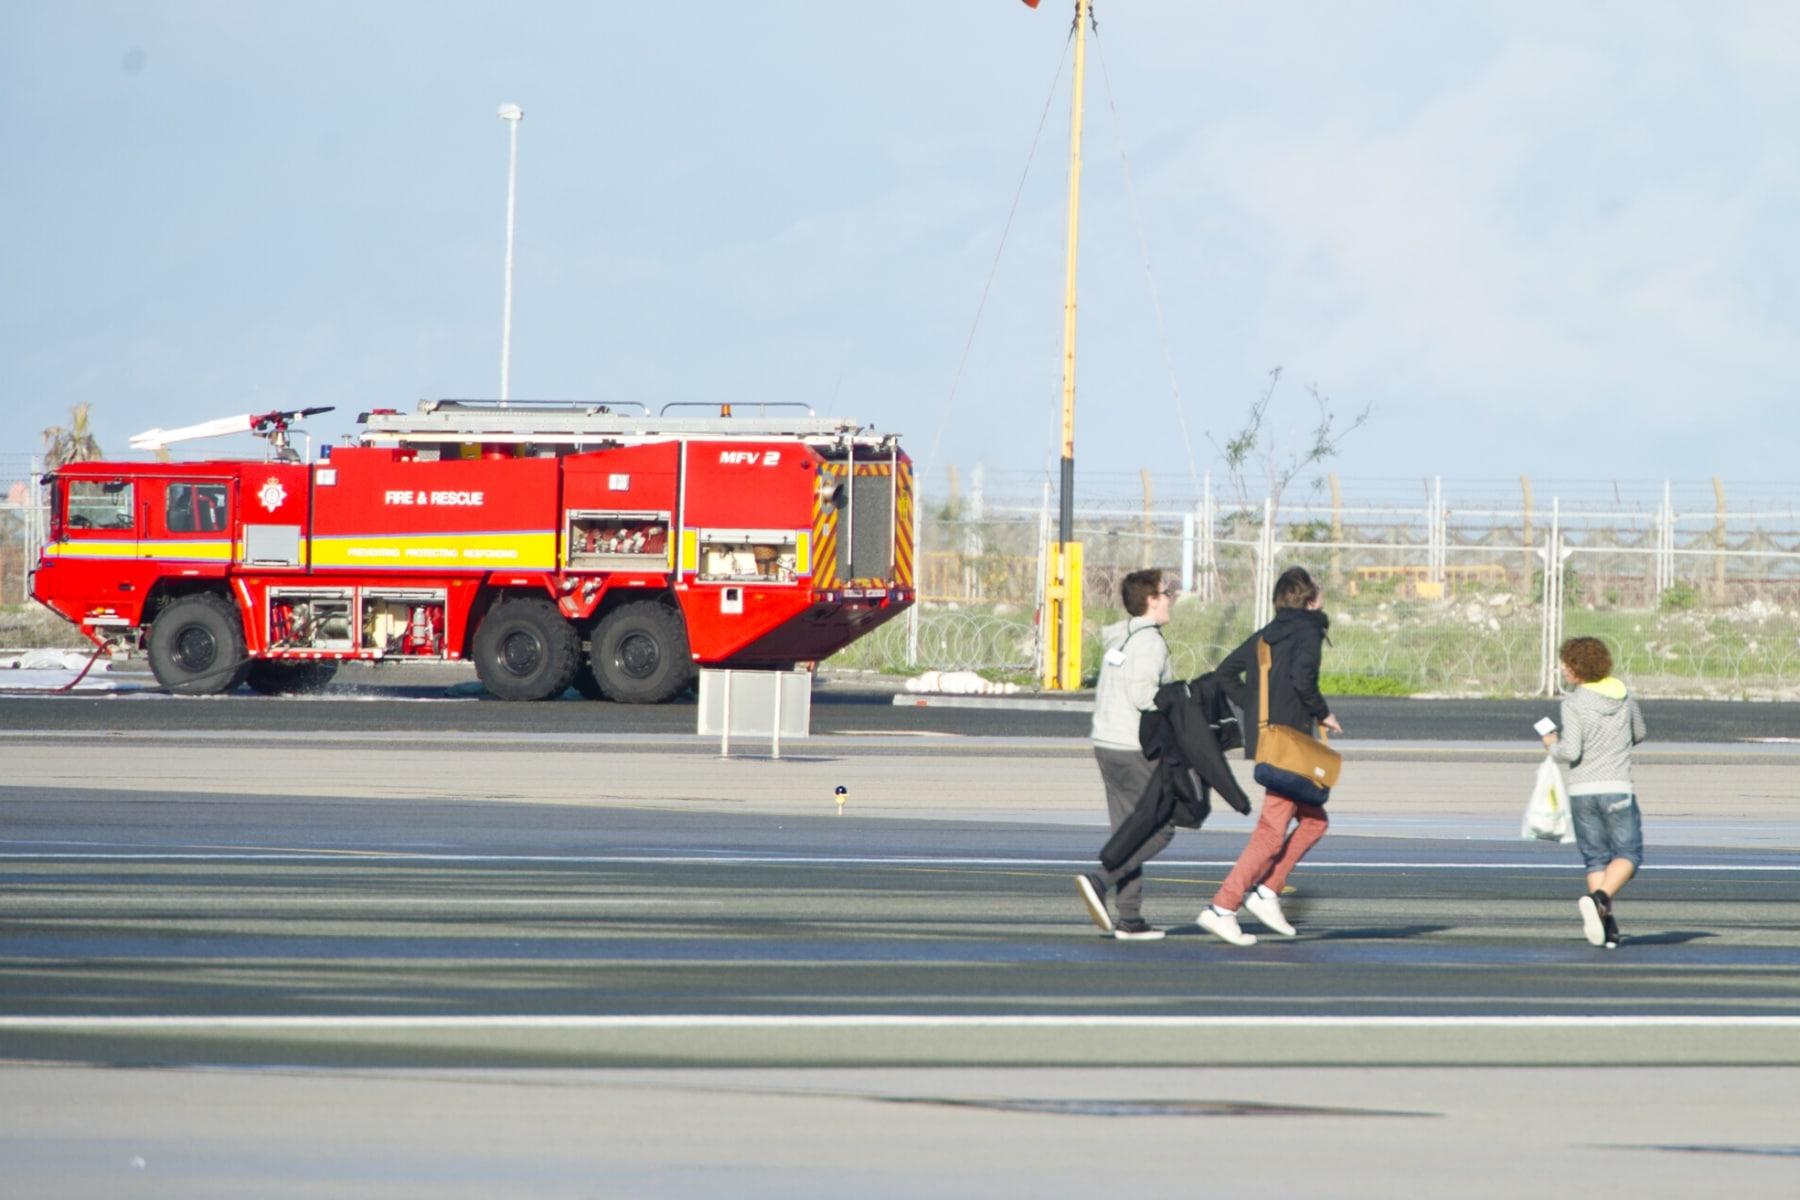 simulacro-accidente-aereo-en-gibraltar-03122014-18_15324295383_o